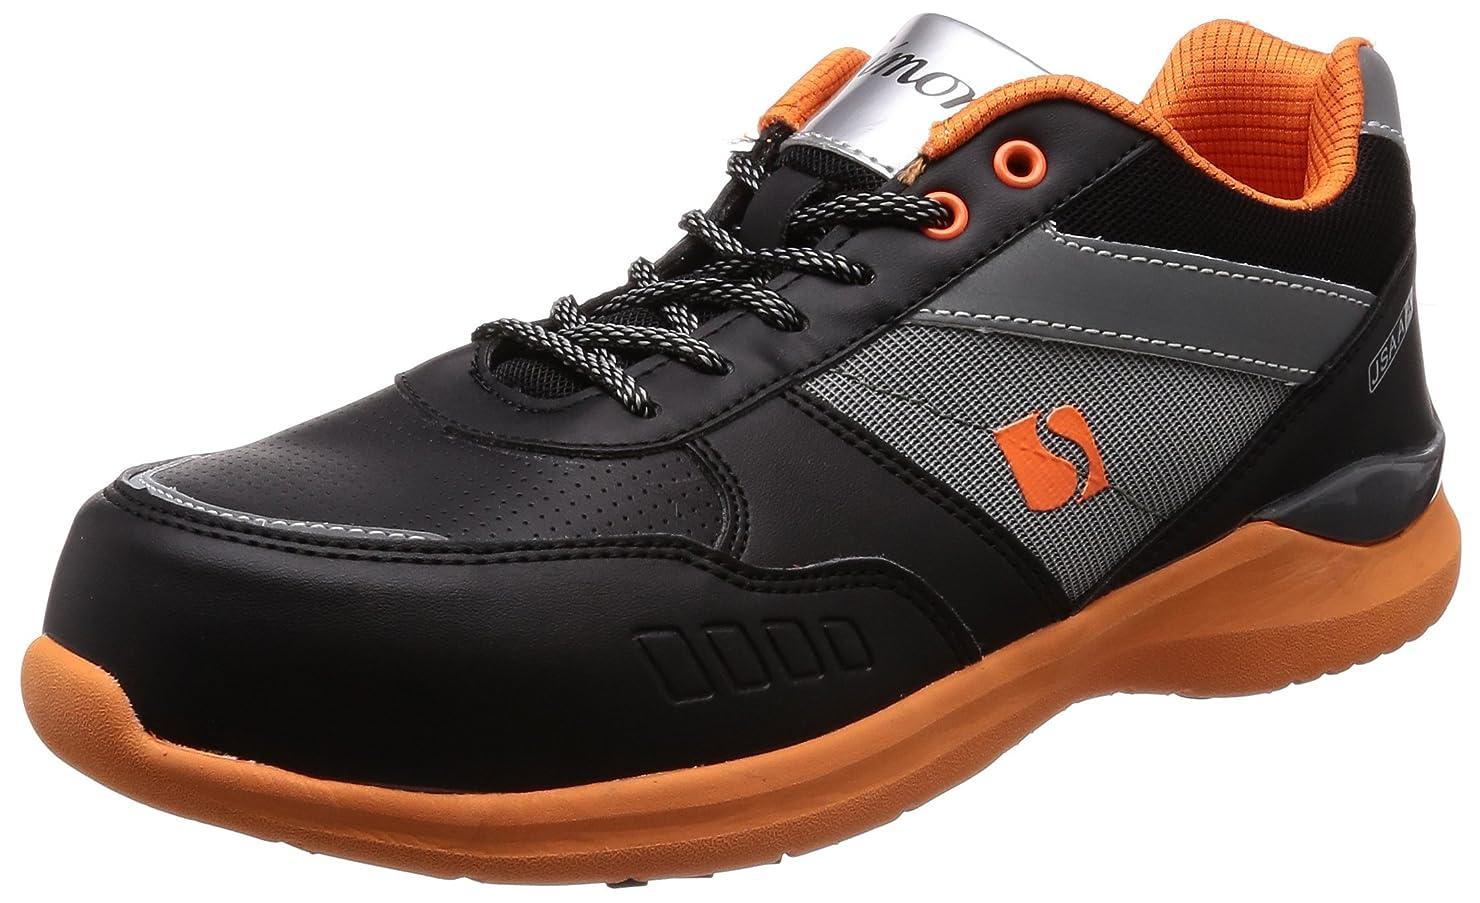 敬礼カストディアンスチュアート島[シモン] プロスニーカー 短靴 JSAA規格 耐滑 軽快 スニーカー 紐 反射 KL511黒/オレンジ